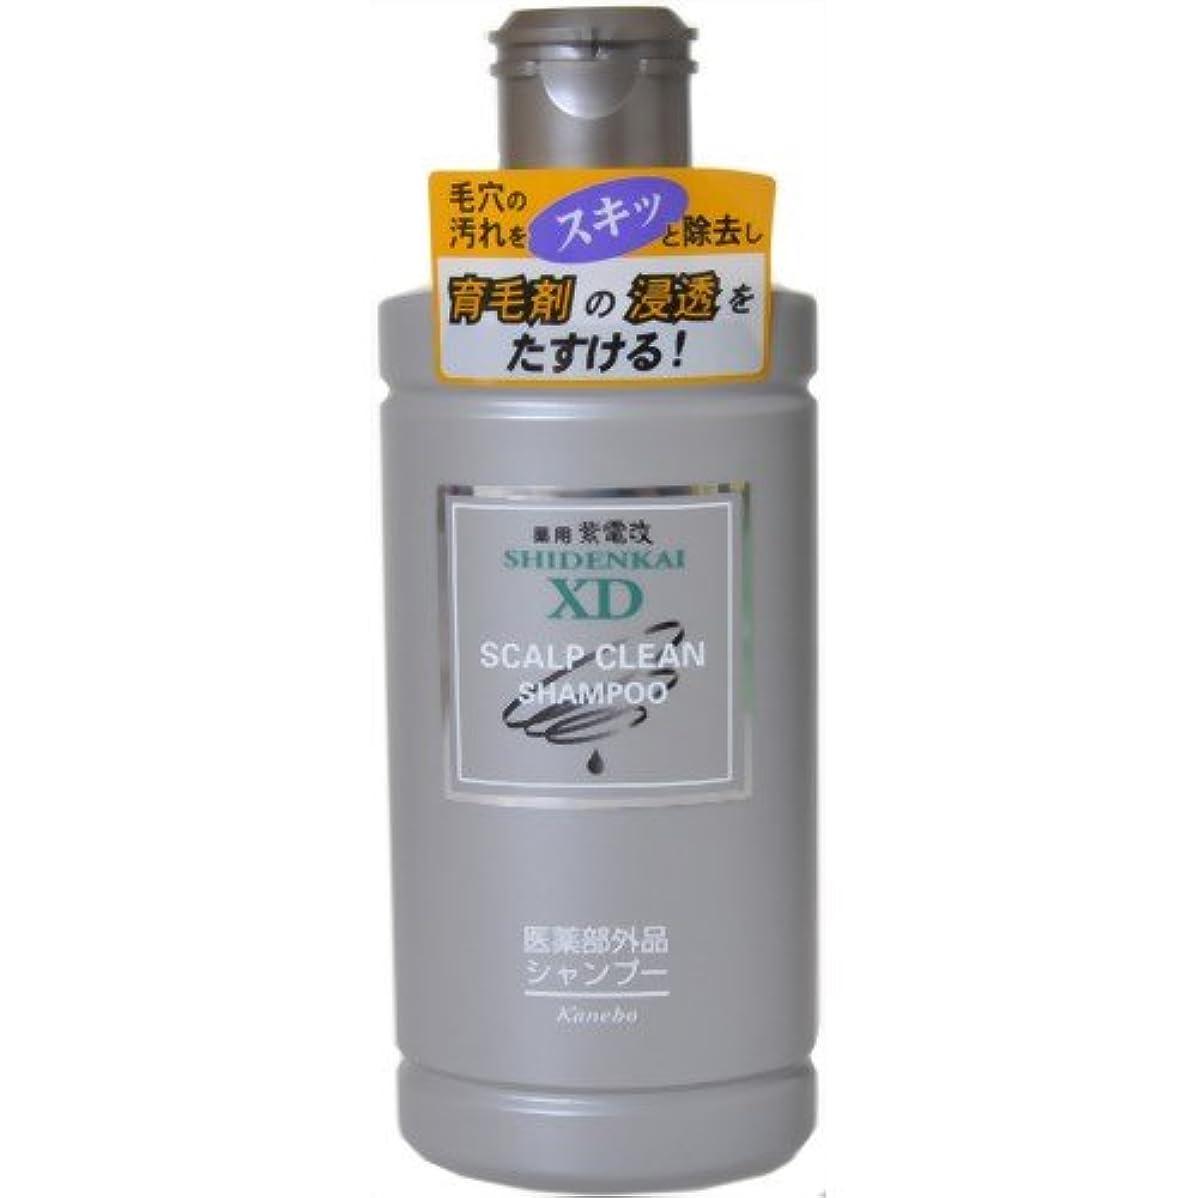 ヘア不正直大脳カネボウ 薬用紫電改X.Dシャンプー 250ml